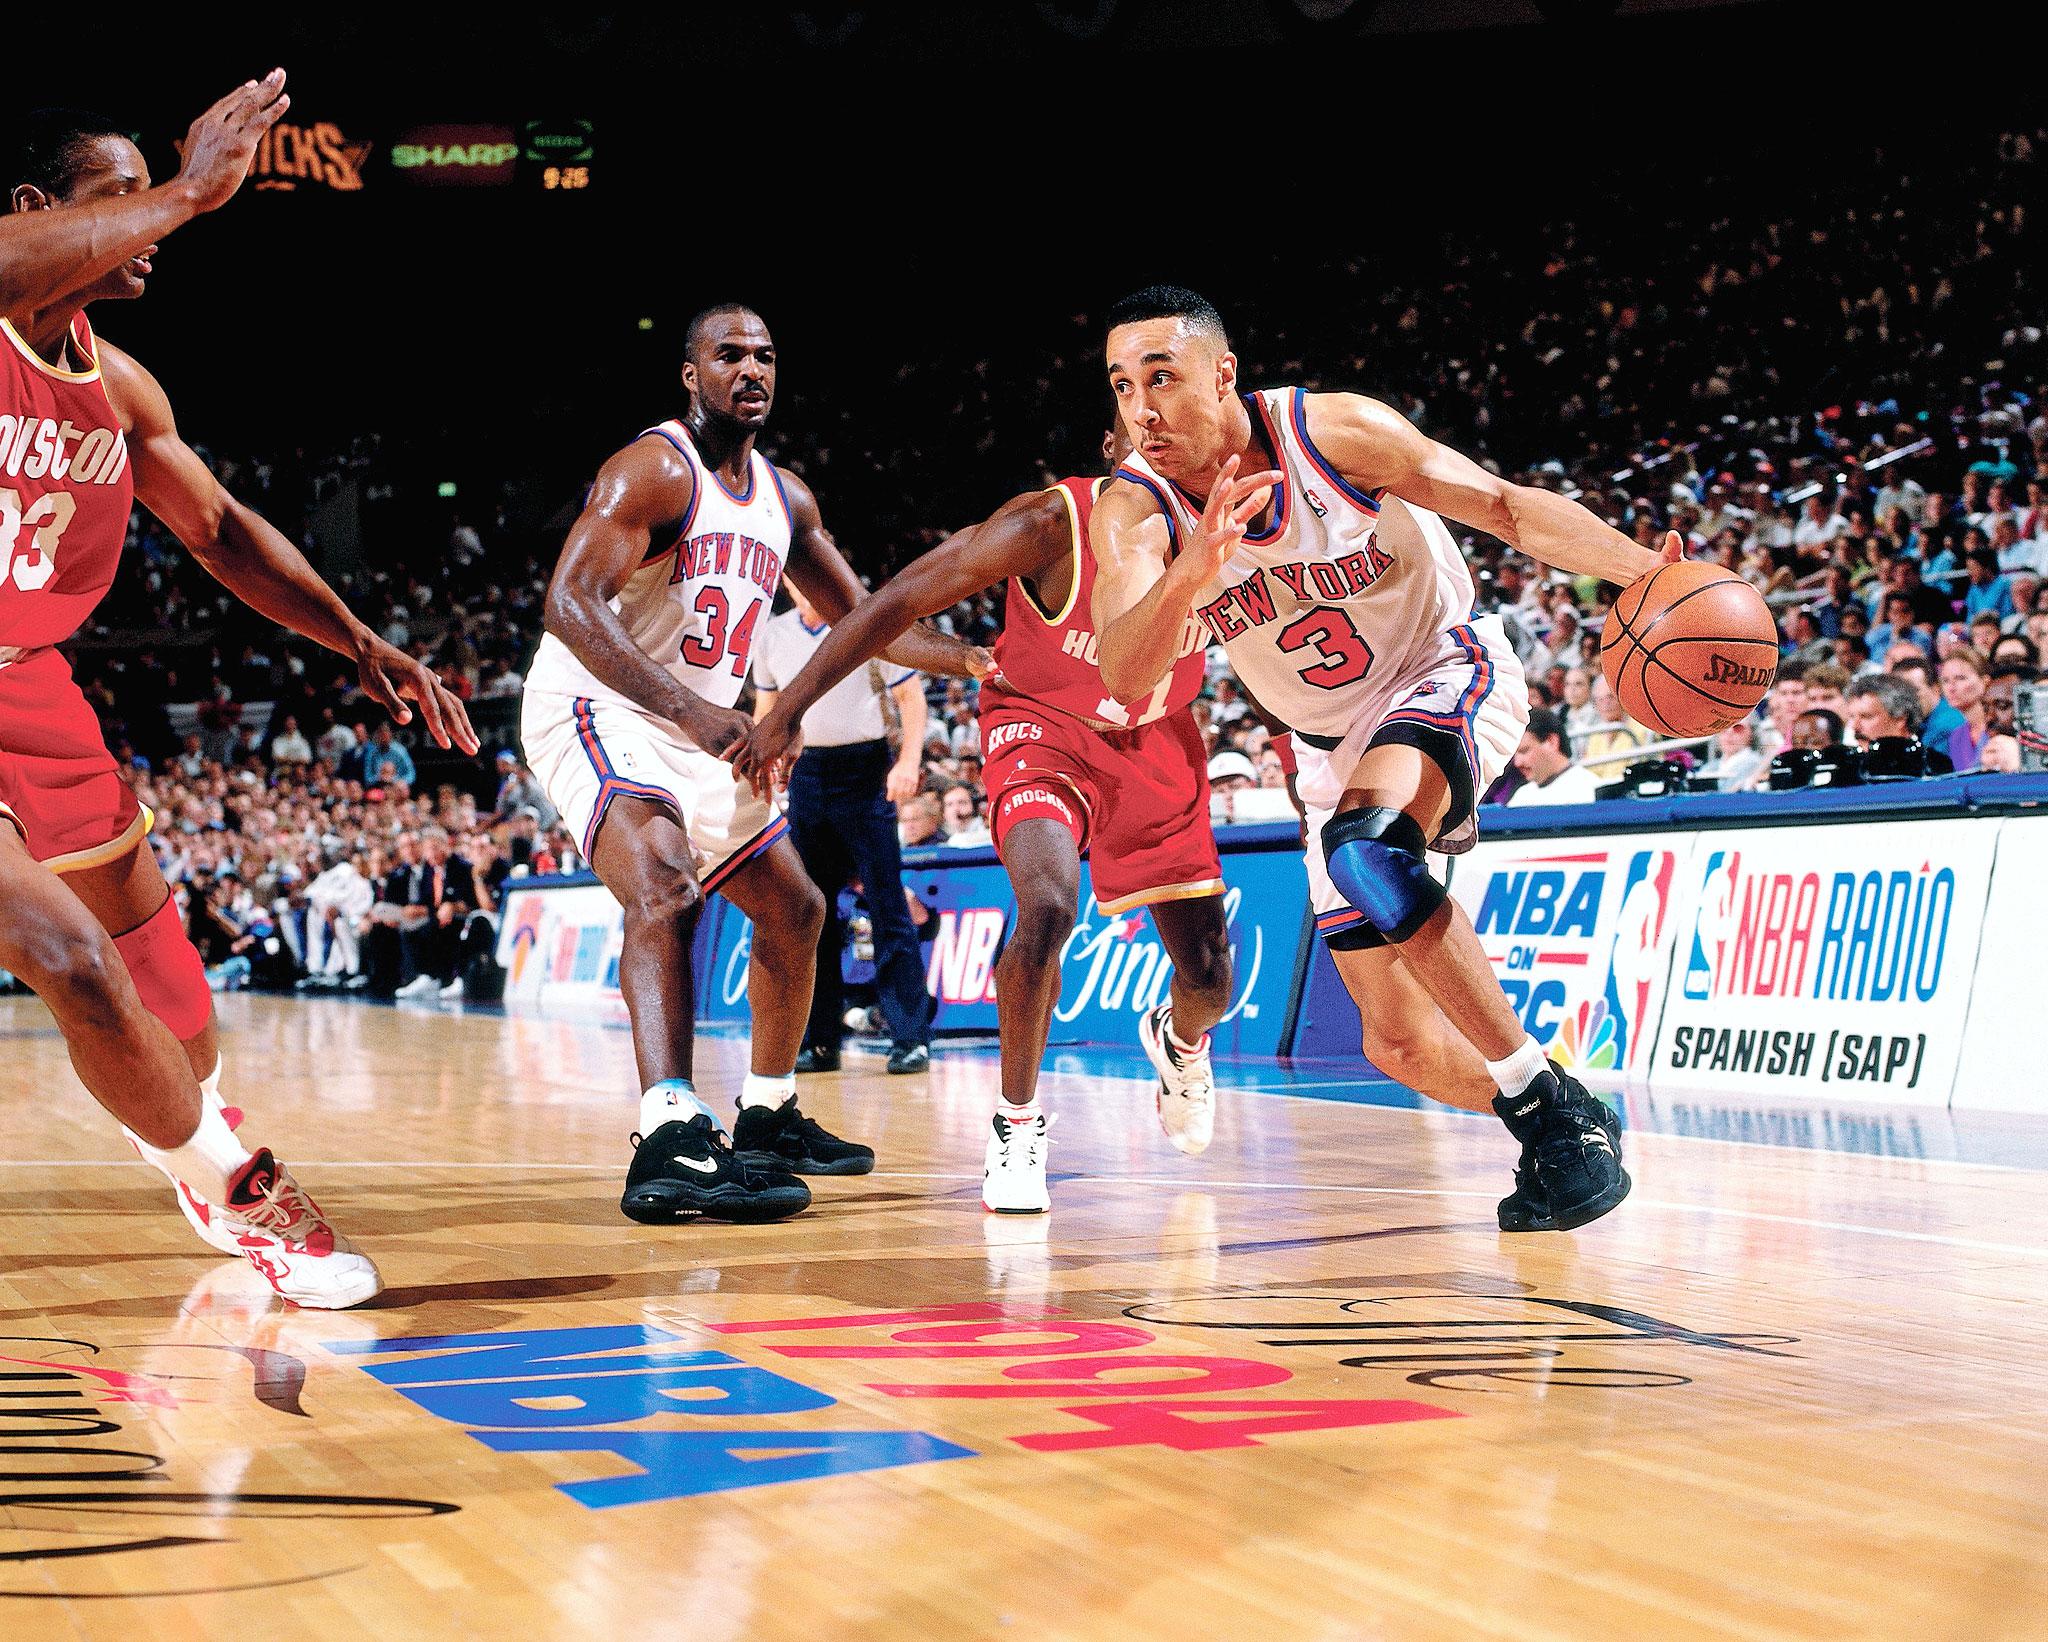 John Starks - June 17, 1994 - ESPN